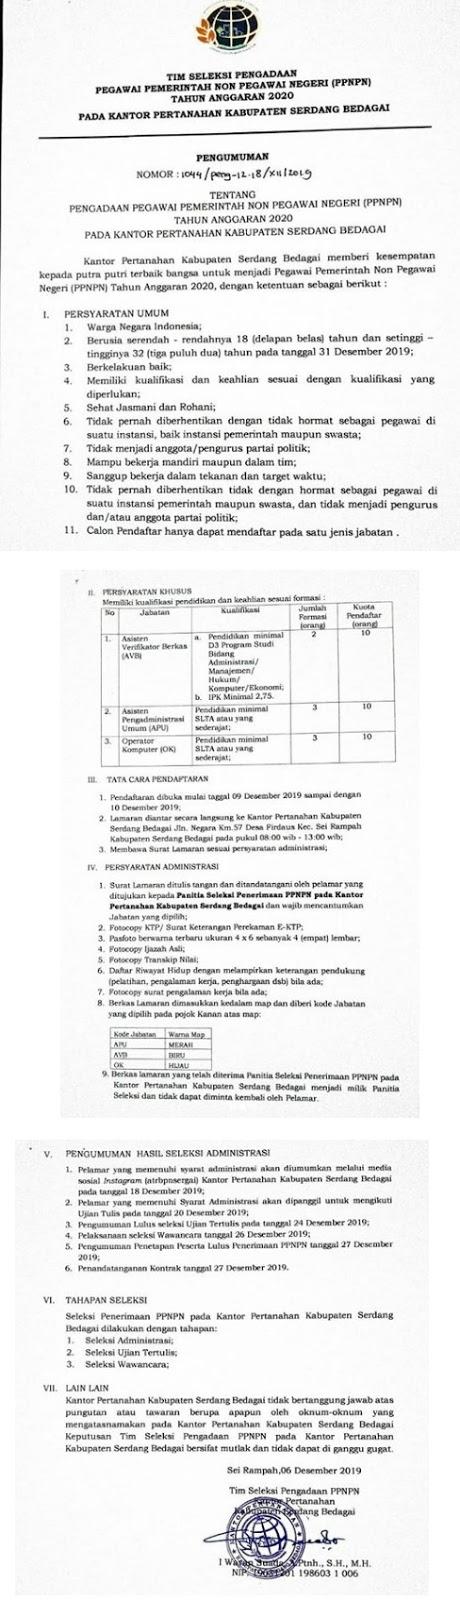 Rekrutmen Tenaga PPNPN Badan Pertanahan Nasional Tingkat SMA D3 Desember 2019